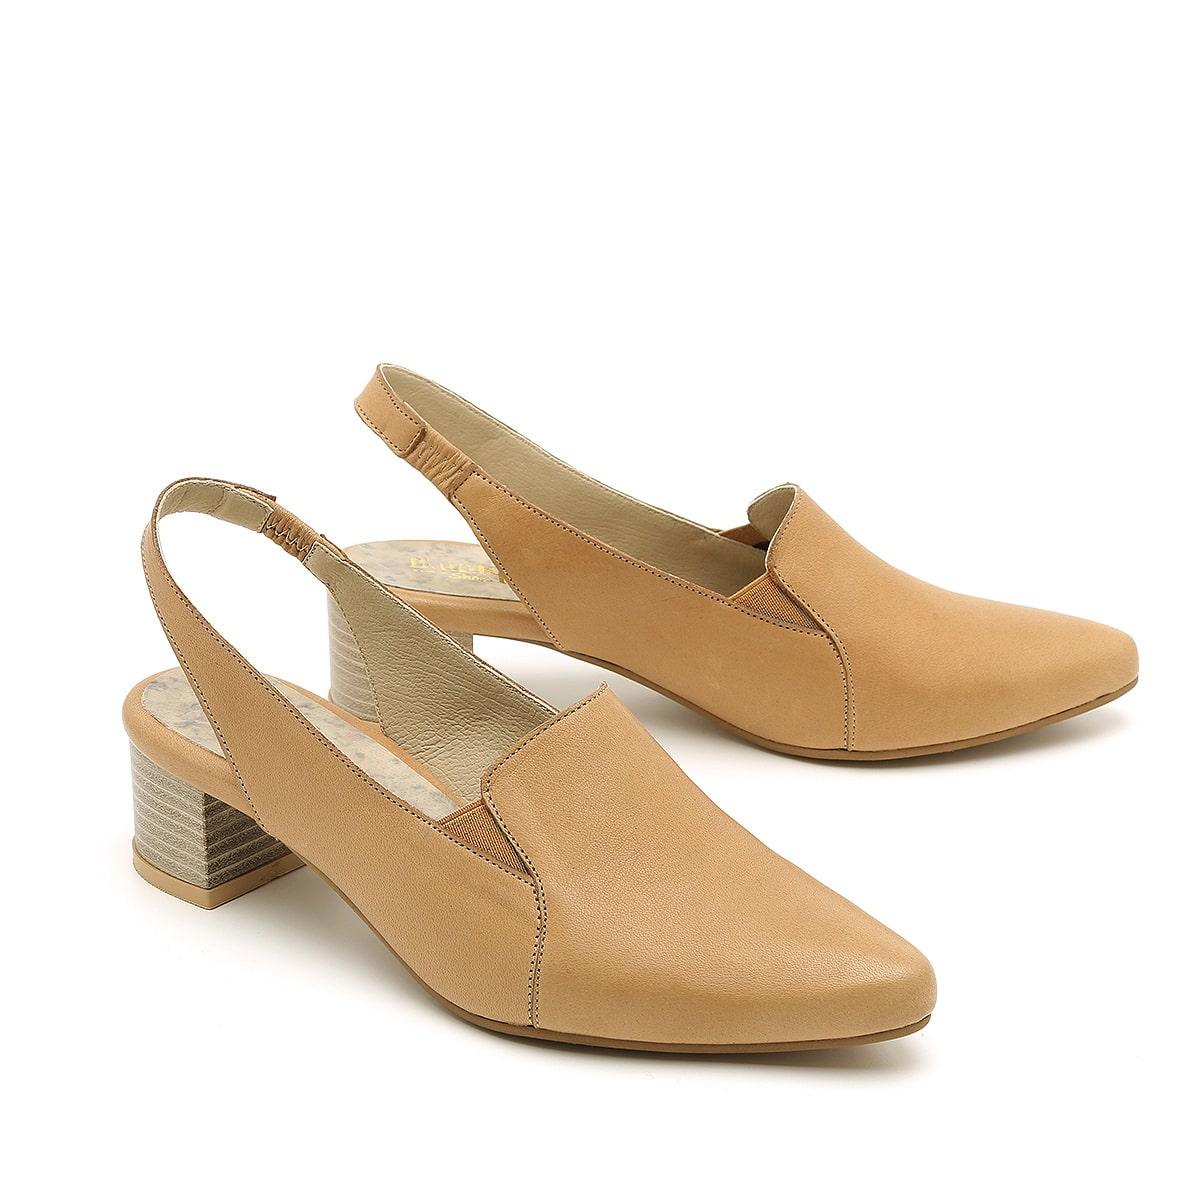 דגם מרגרט: נעלי עקב לנשים